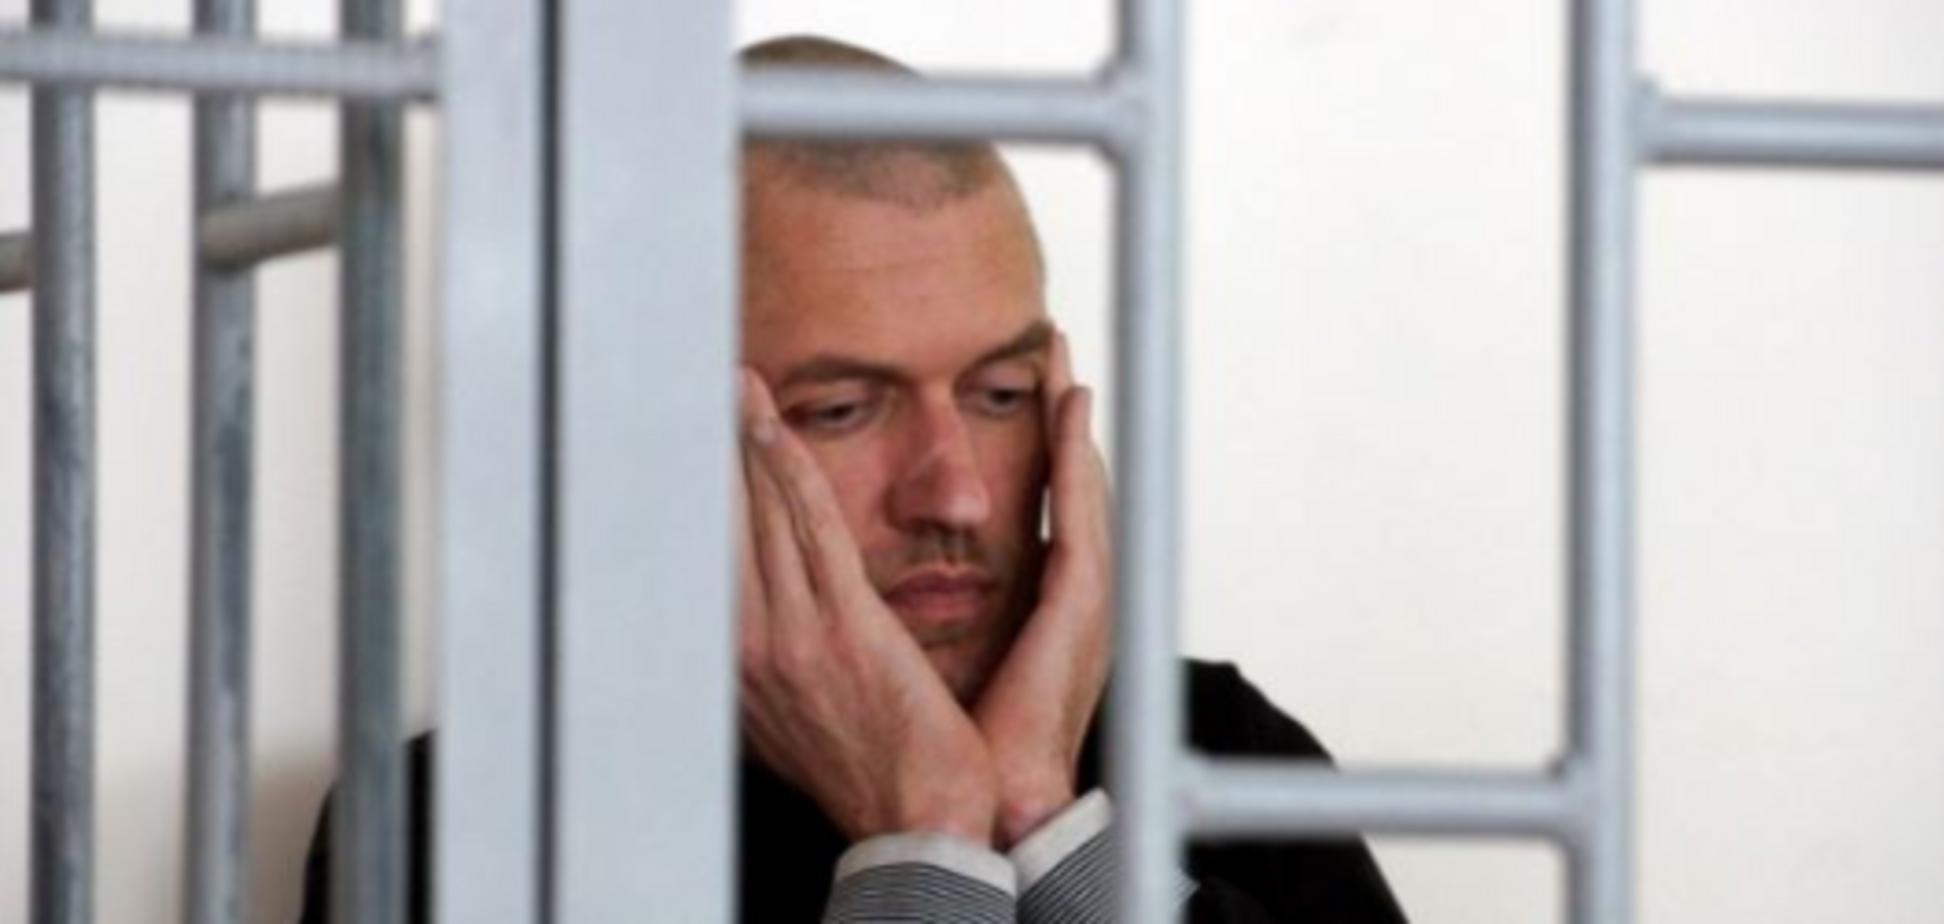 'Его накололи': мать узника Кремля рассказала об издевательствах над сыном